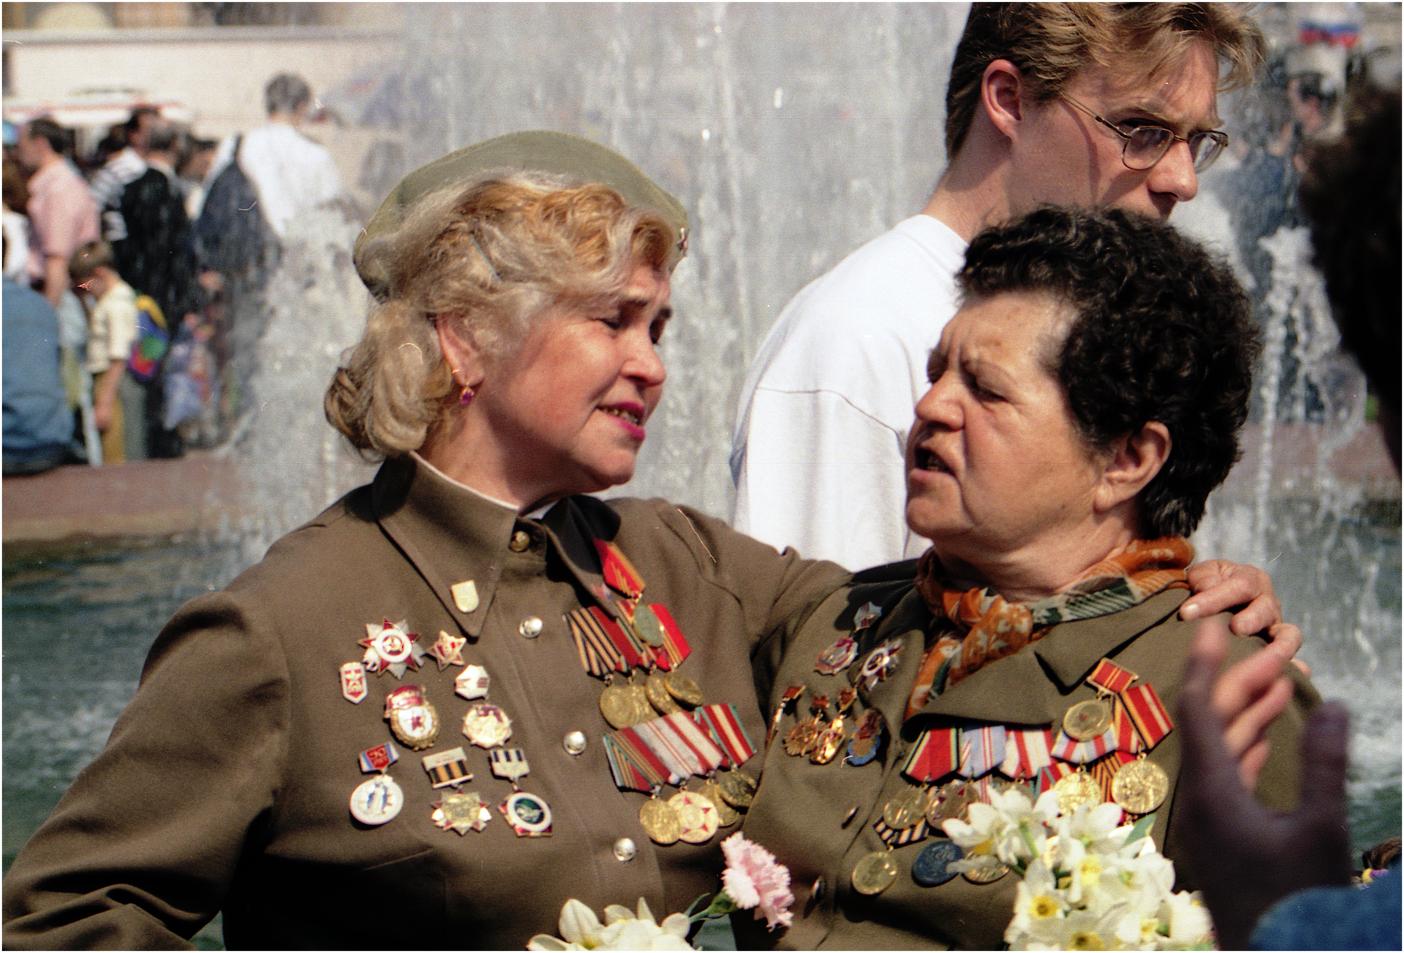 179. 1996. 9 мая. Встреча ветеранов ВОВ у Большого театра